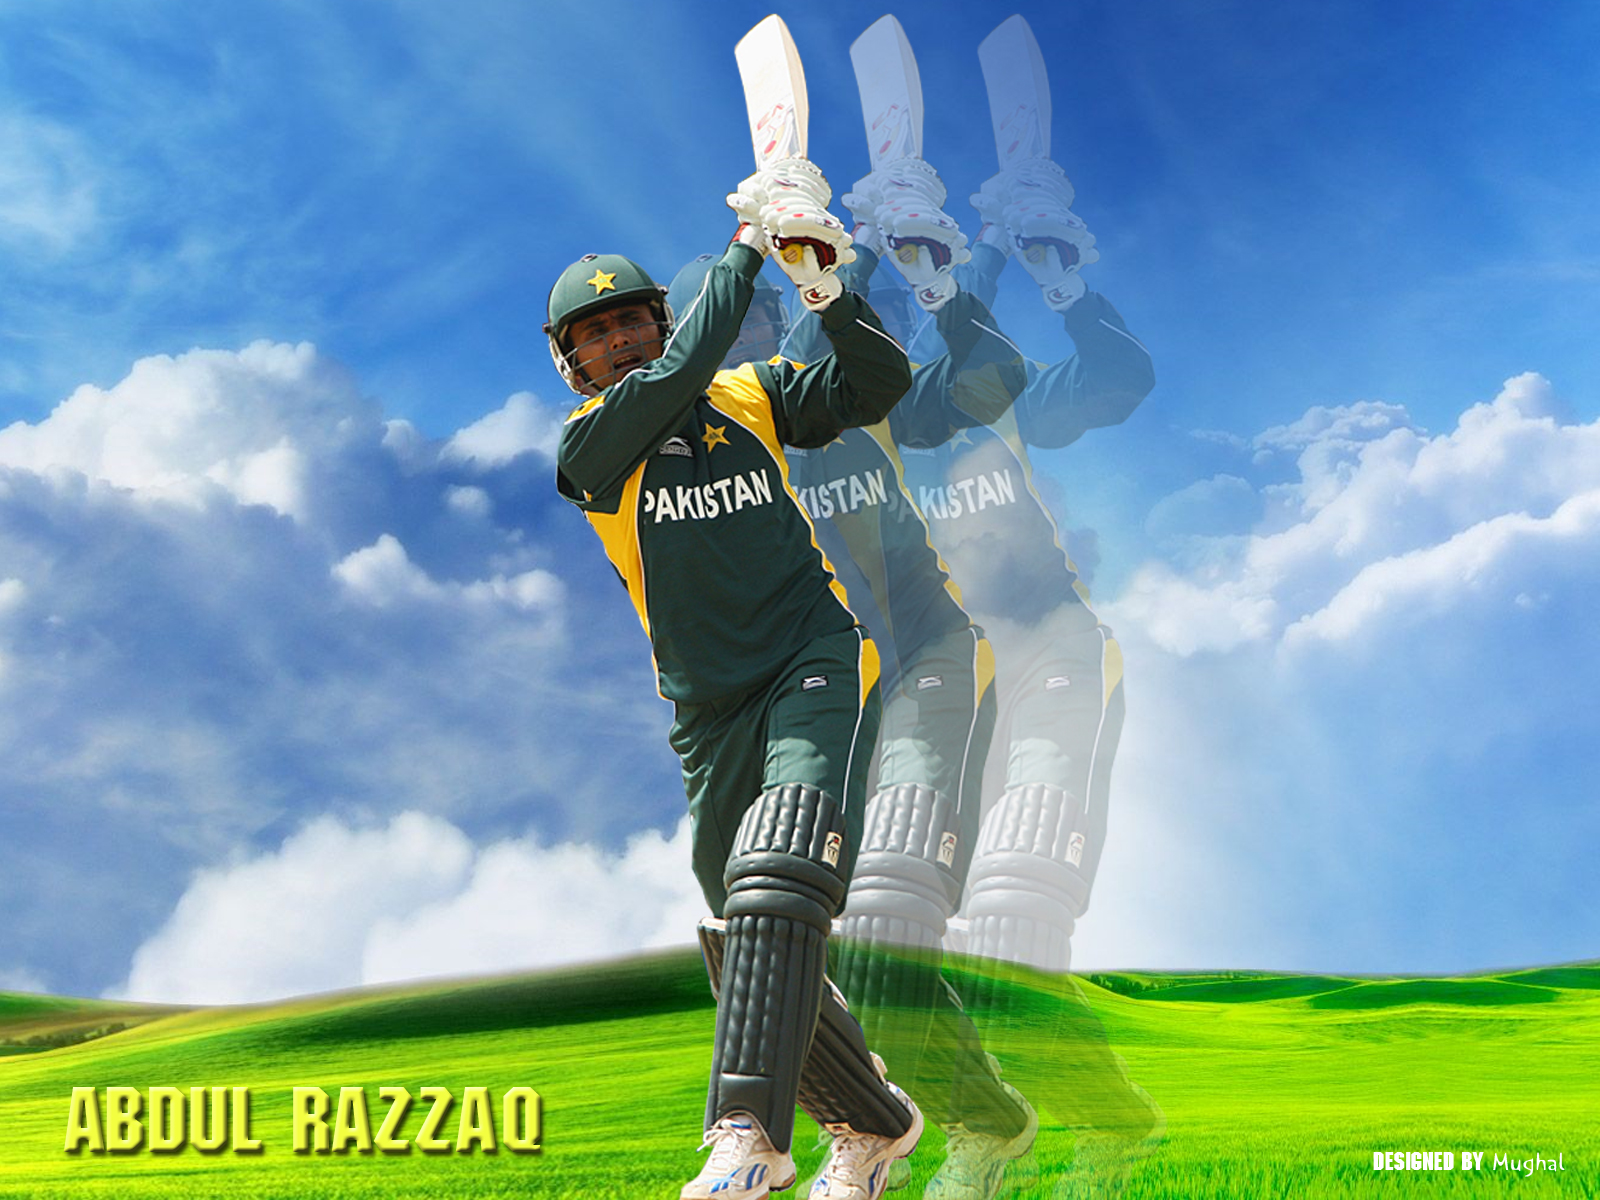 Sports highlights razzaq hd wallpaper - Pakistan cricket wallpapers hd ...